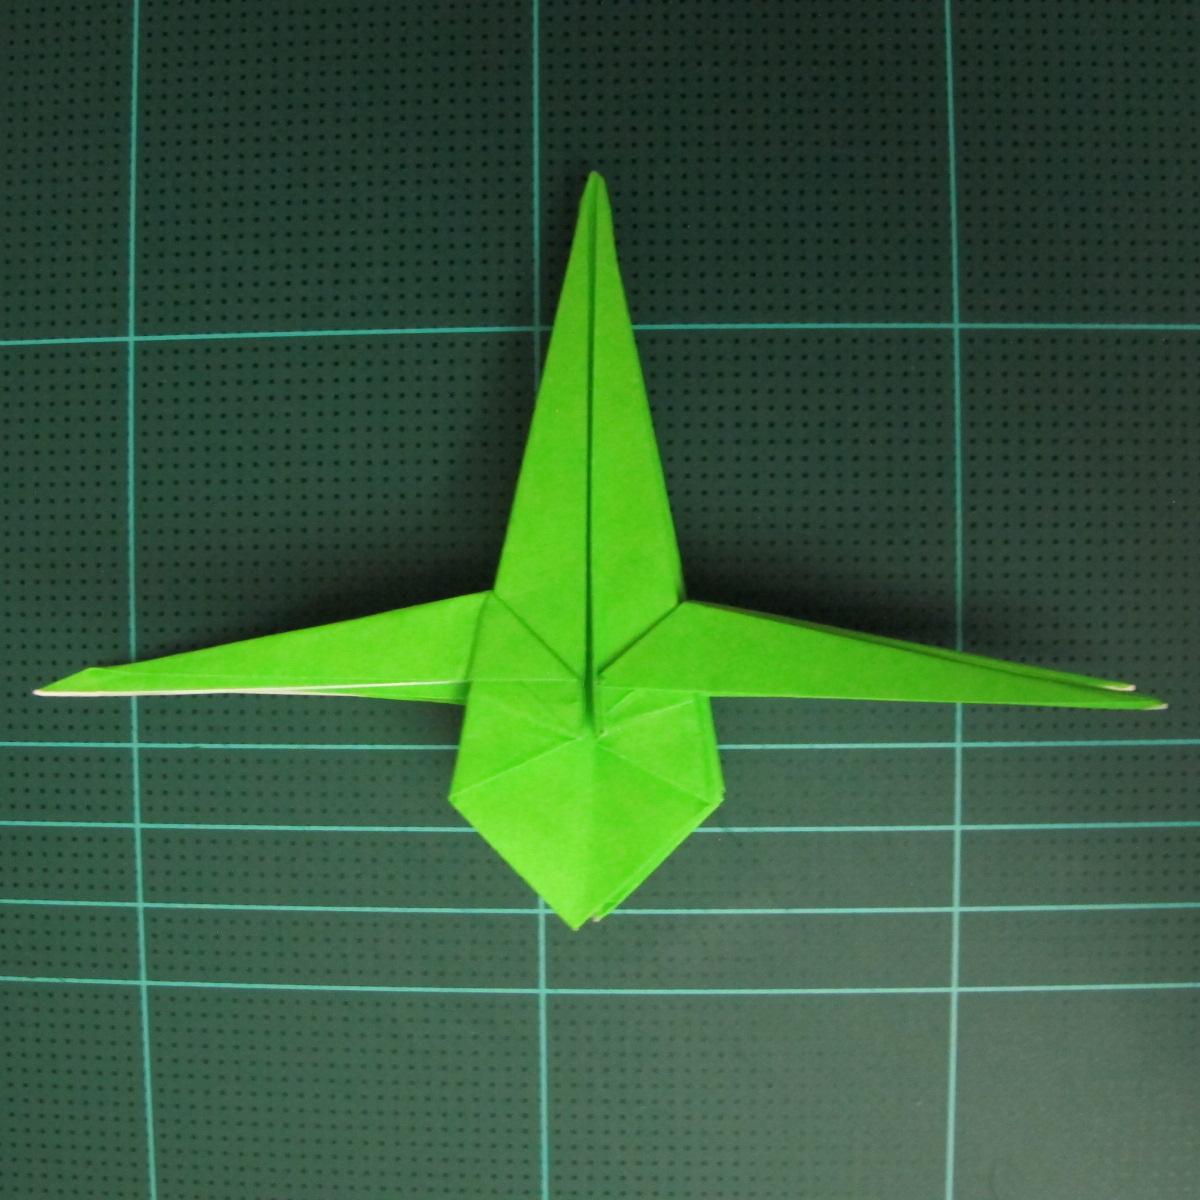 วิธีพับกระดาษเป็นจรวด X-WING สตาร์วอร์ (Origami X-WING) 029